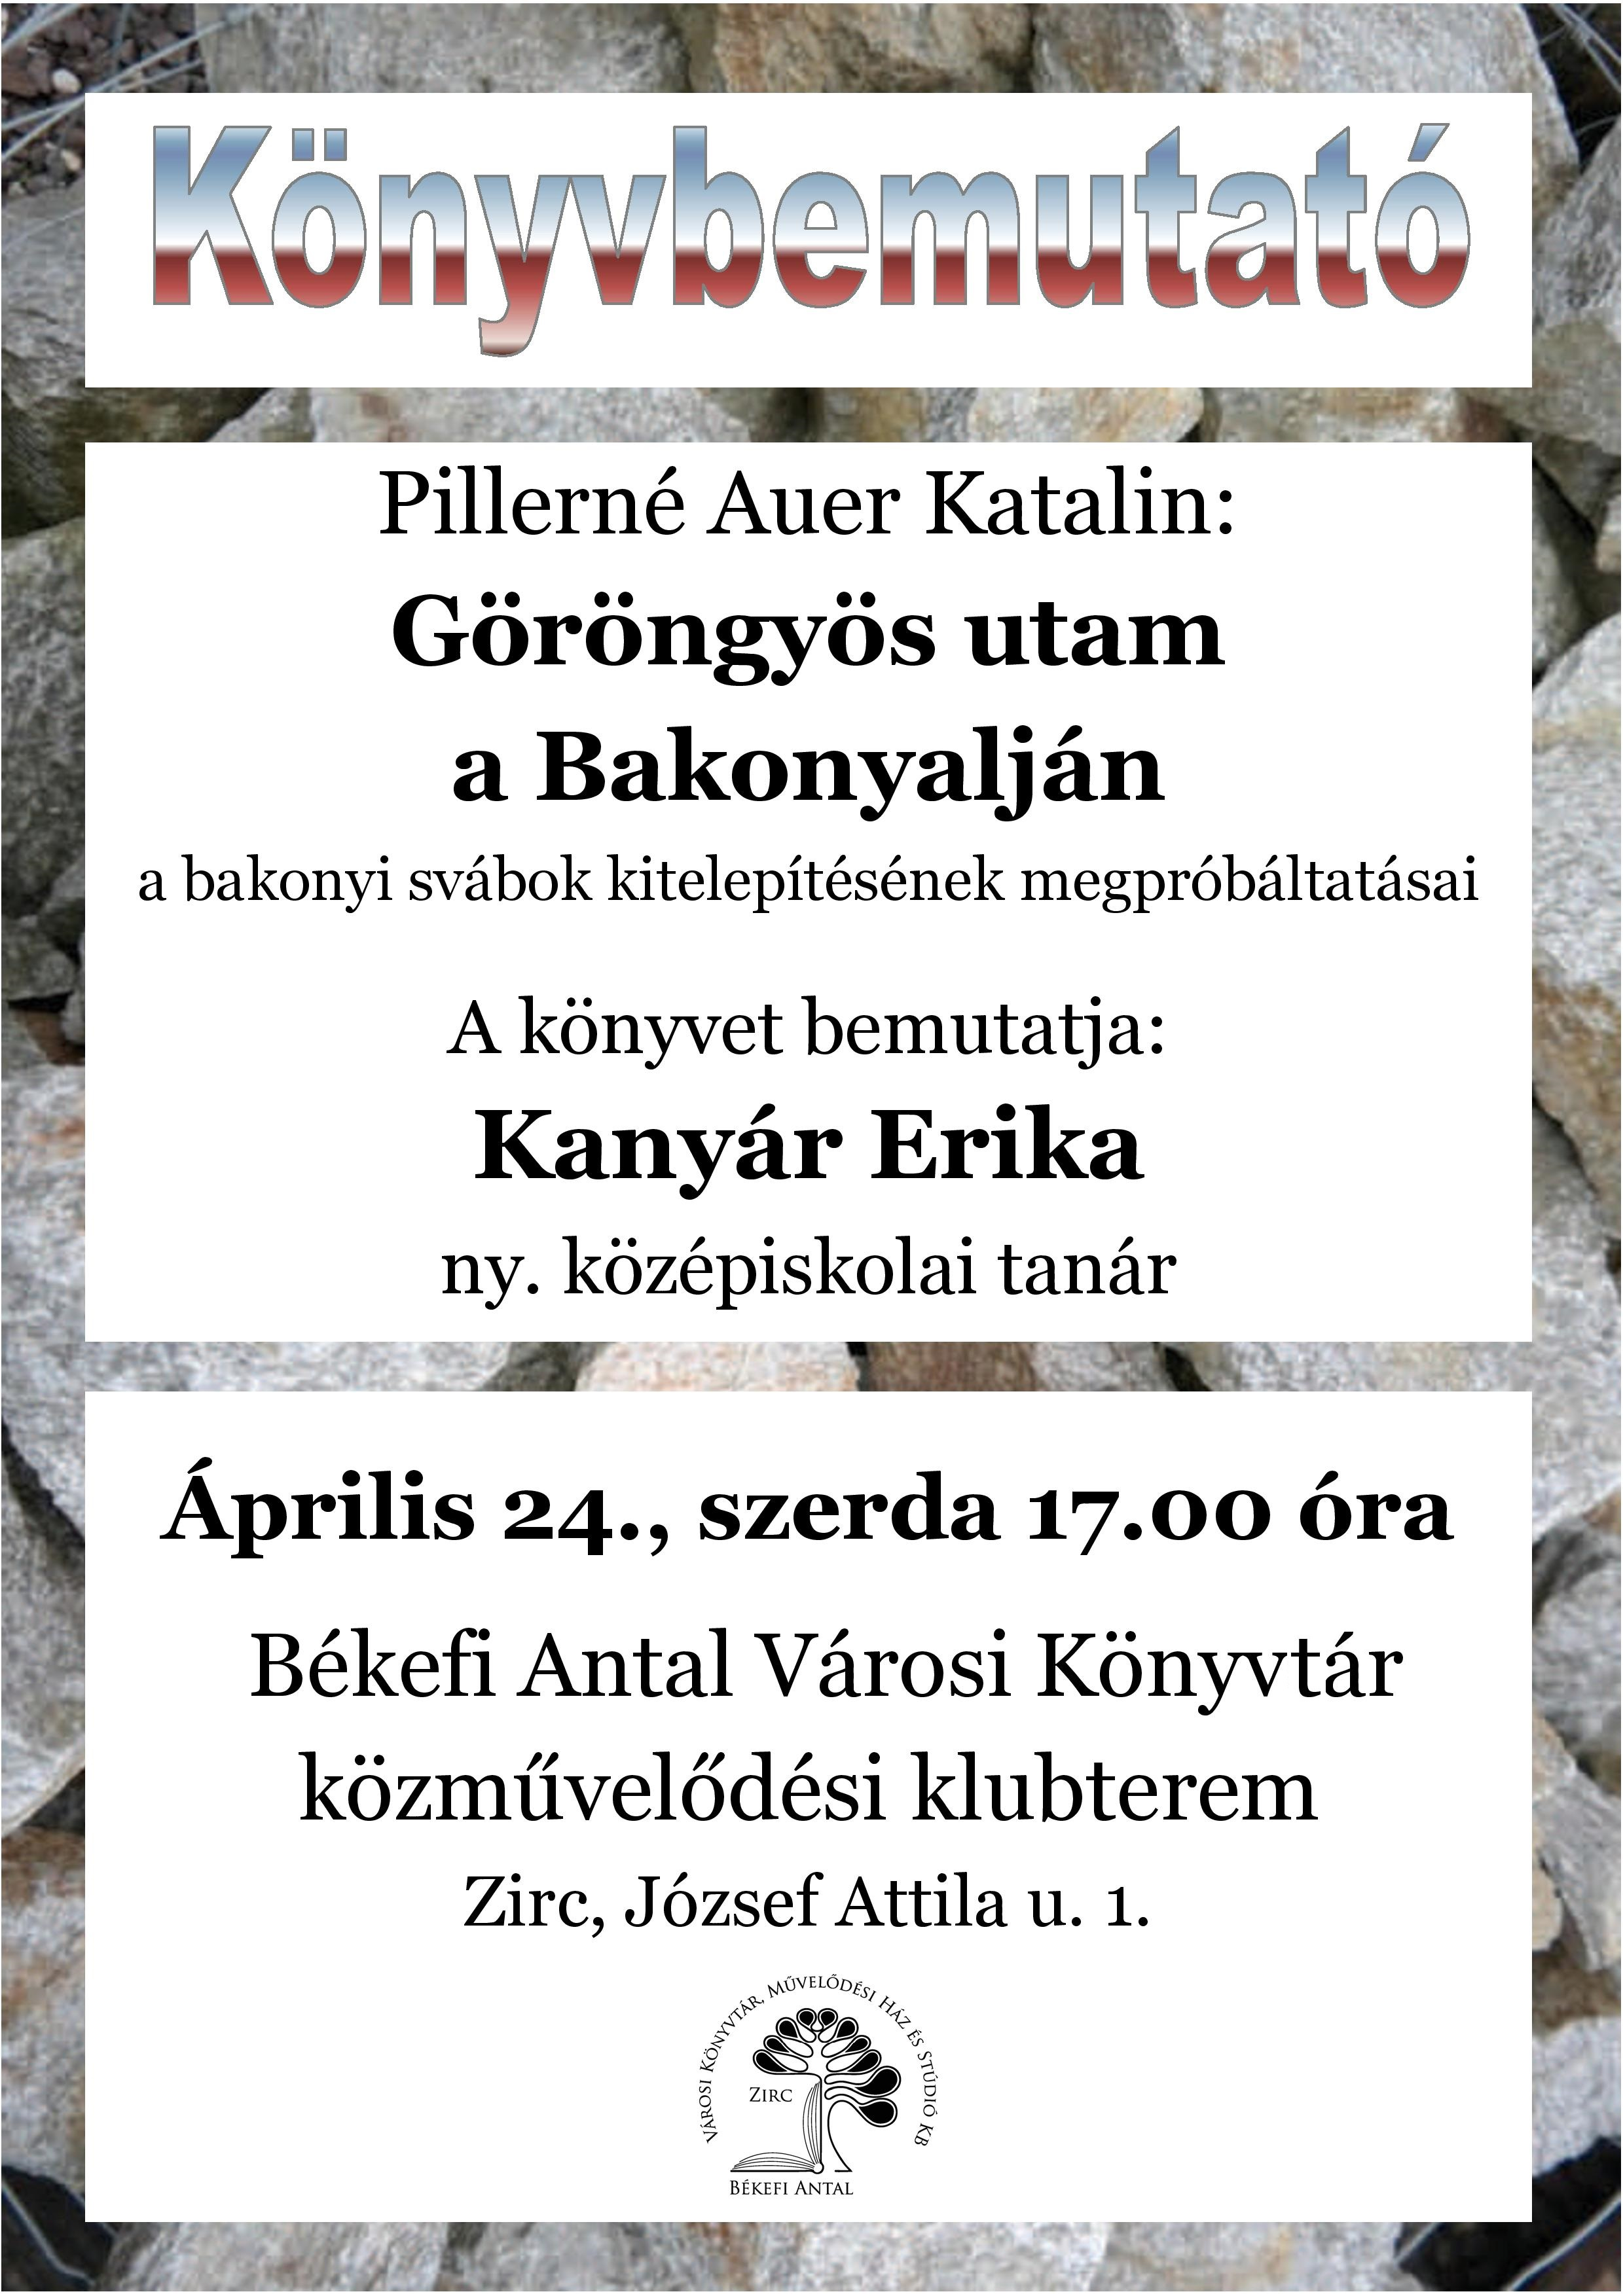 2019-04-24_svabok_kitelepitese_konyvbemutato-page-002.jpg